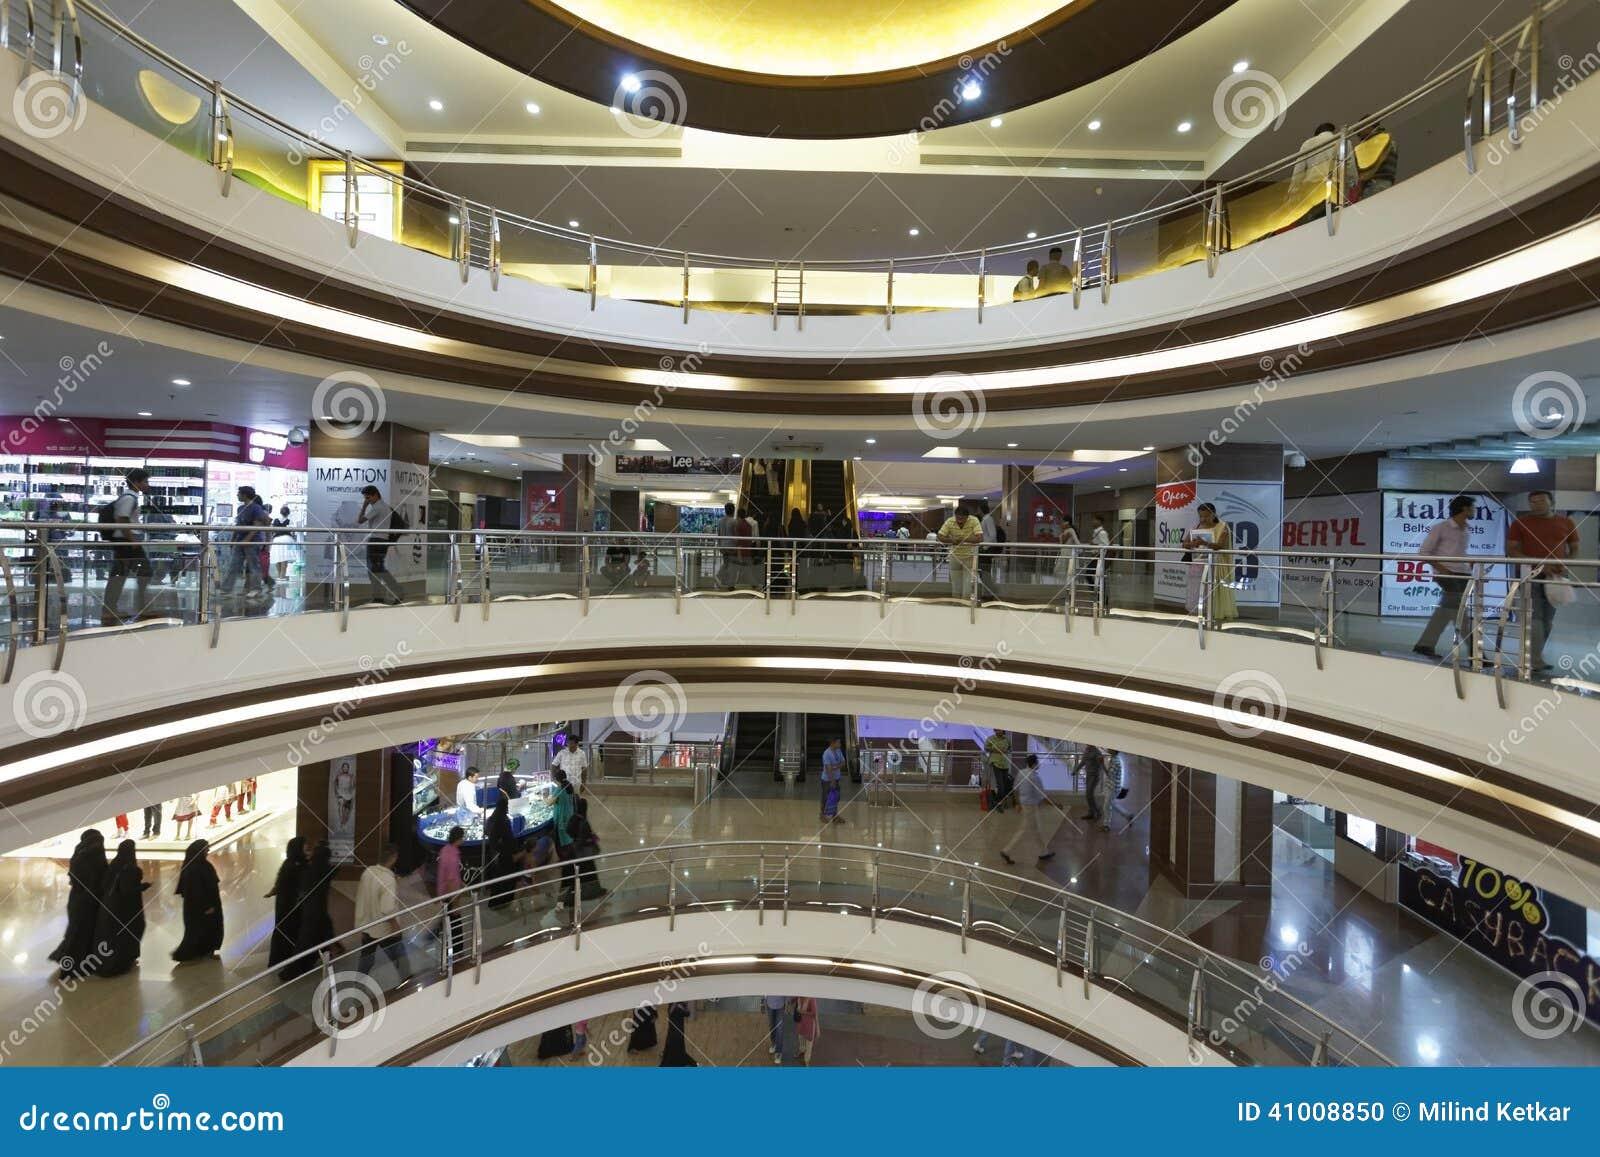 City Centre Mall K S Rao Road Mangalore Karnataka India